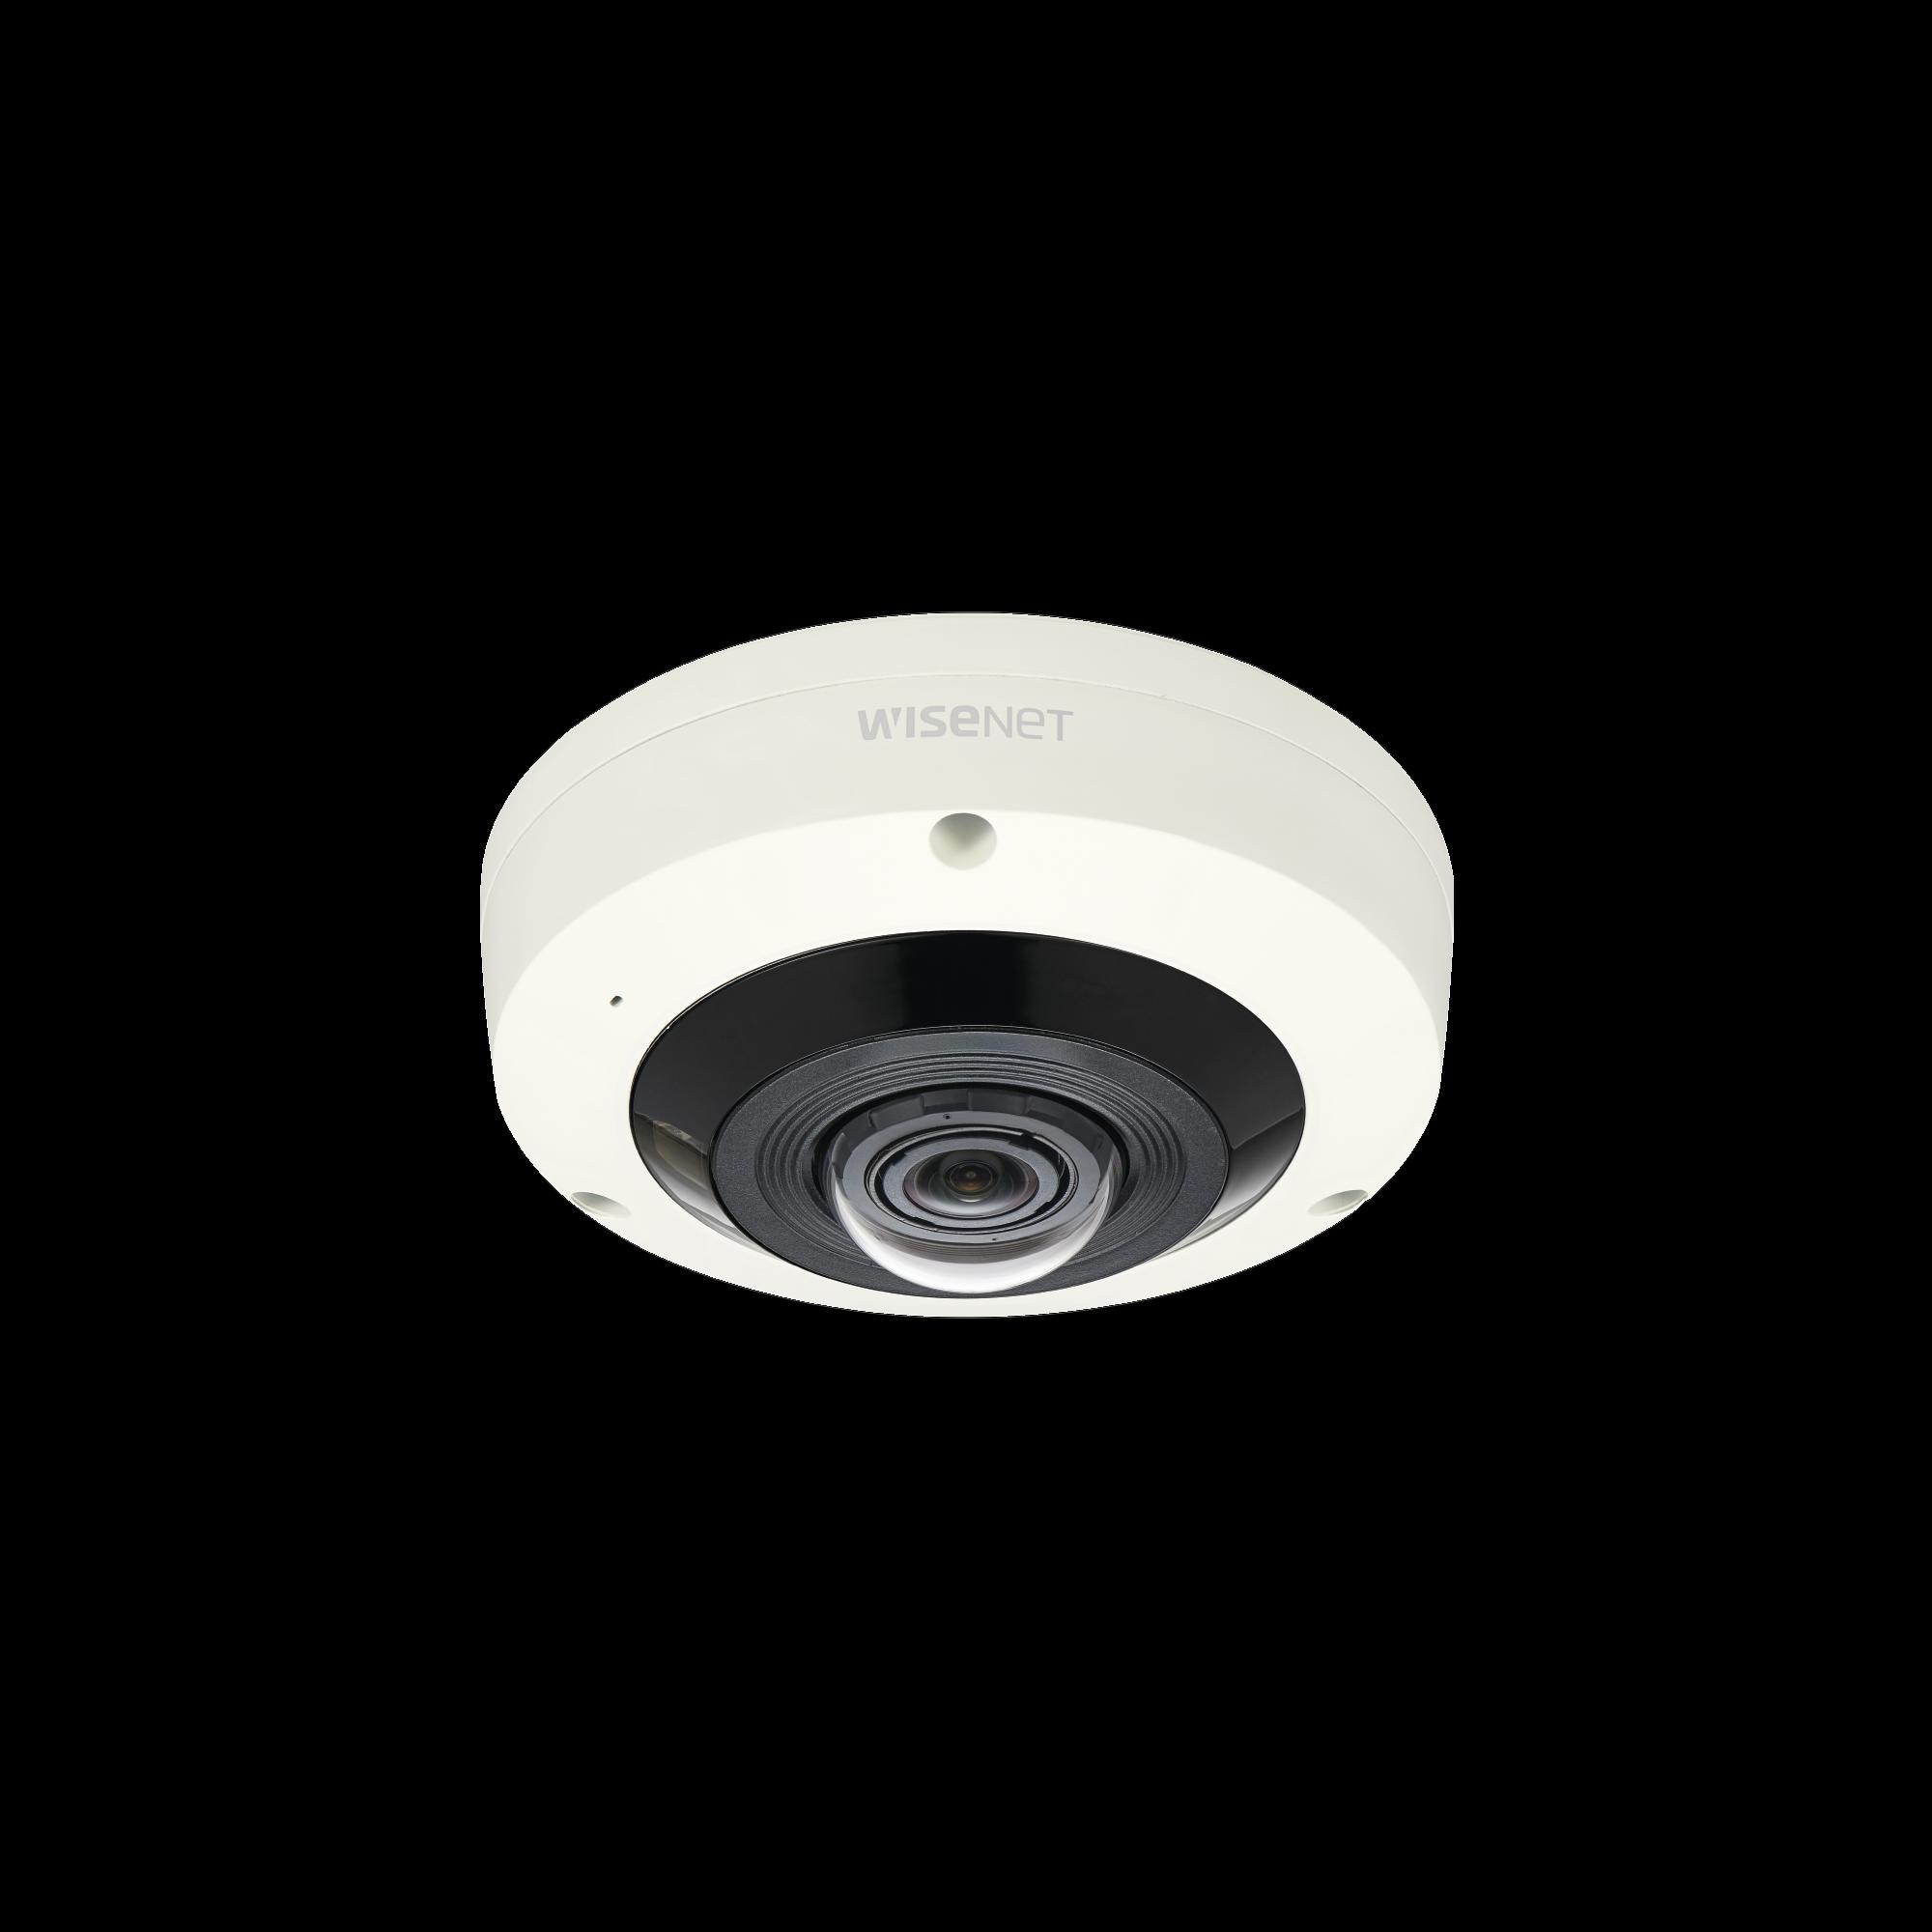 Fisheye 6 Megapixel / WDR 120dB / IR 15m / PTZ Digital 8X / Video Analiticos Avanzados / IP66 / IK10 / Entrada y Salida de Audio y Alarma